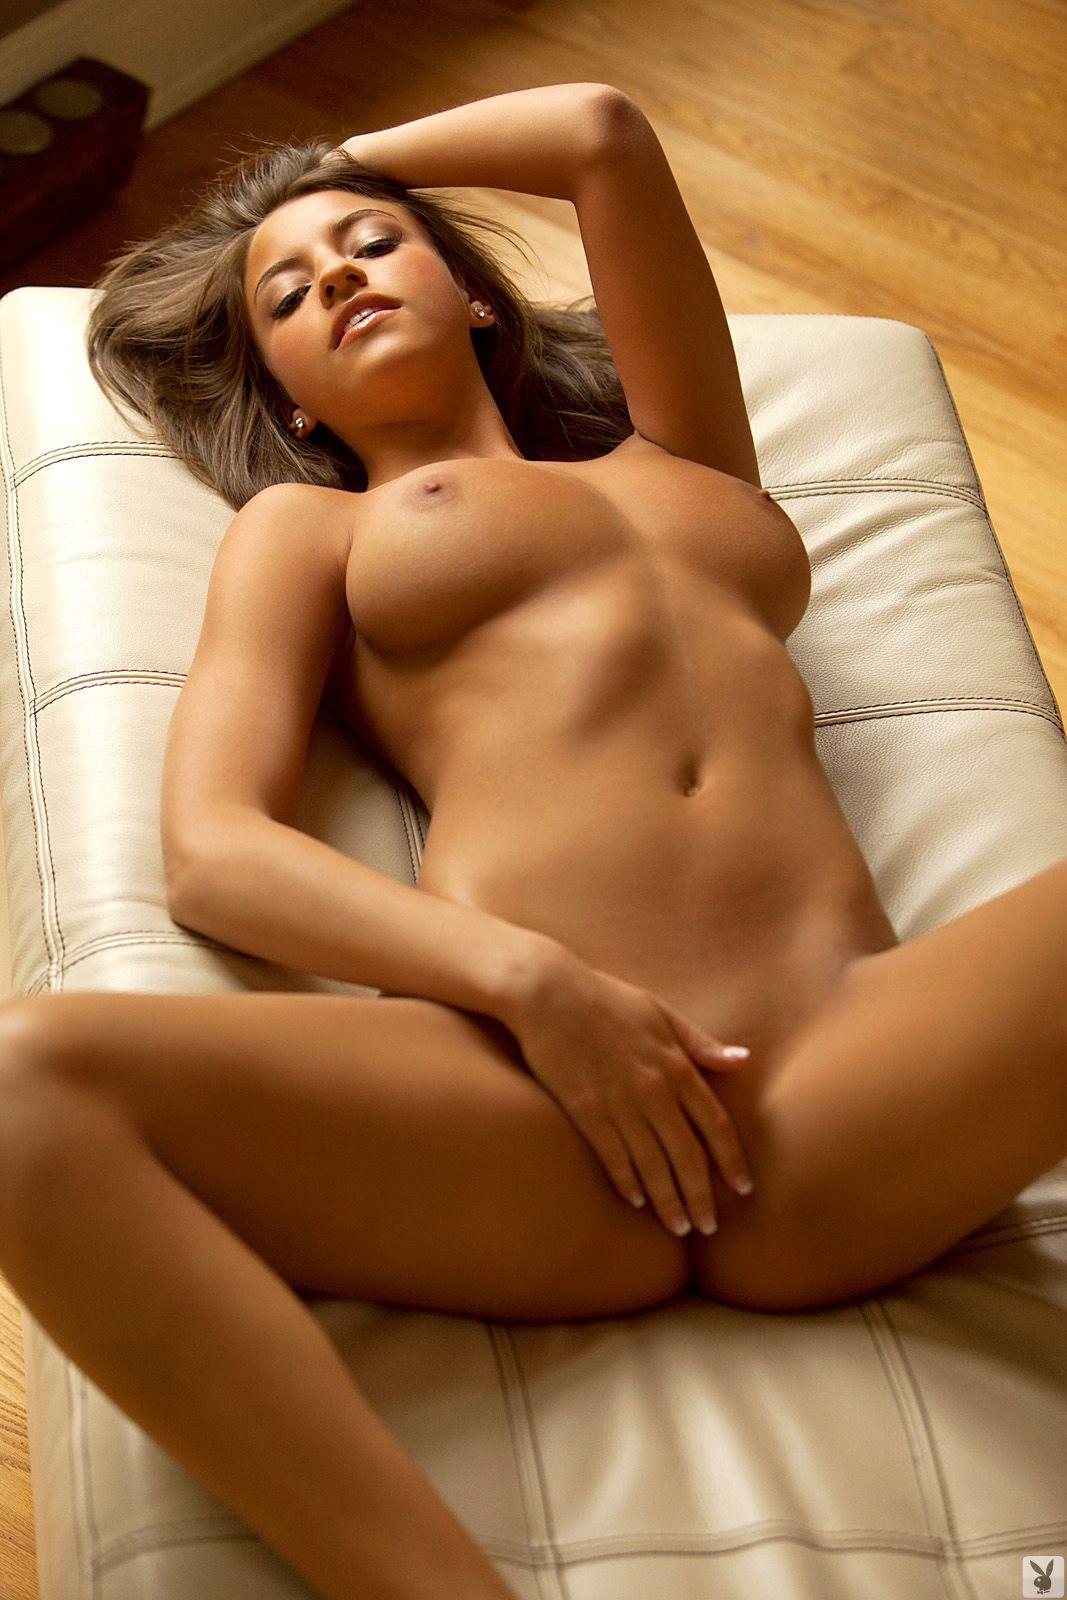 Смотреть порно онлайн бесплатно в хорошем качестве девушки с хорошей стройной фигурой 22 фотография